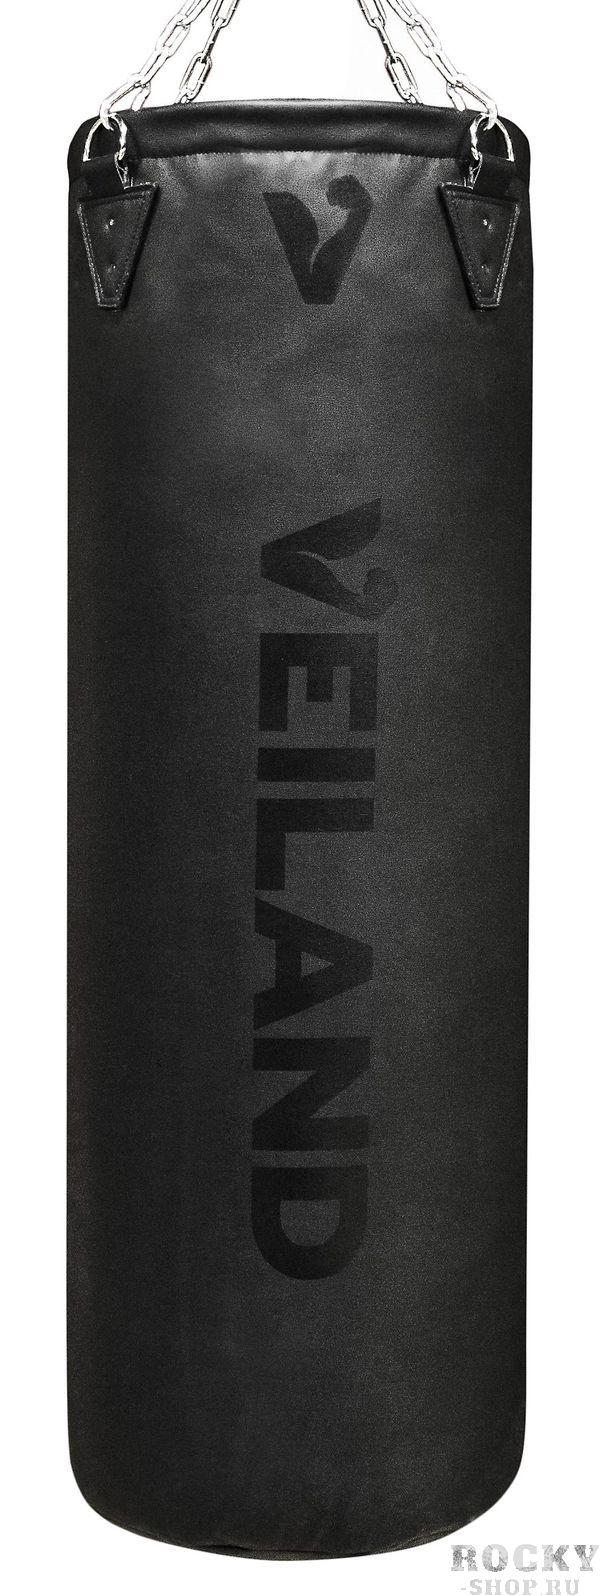 Боксерский мешок Veiland, рециклированная кожа, 160 х 40см, 70 кг Veiland